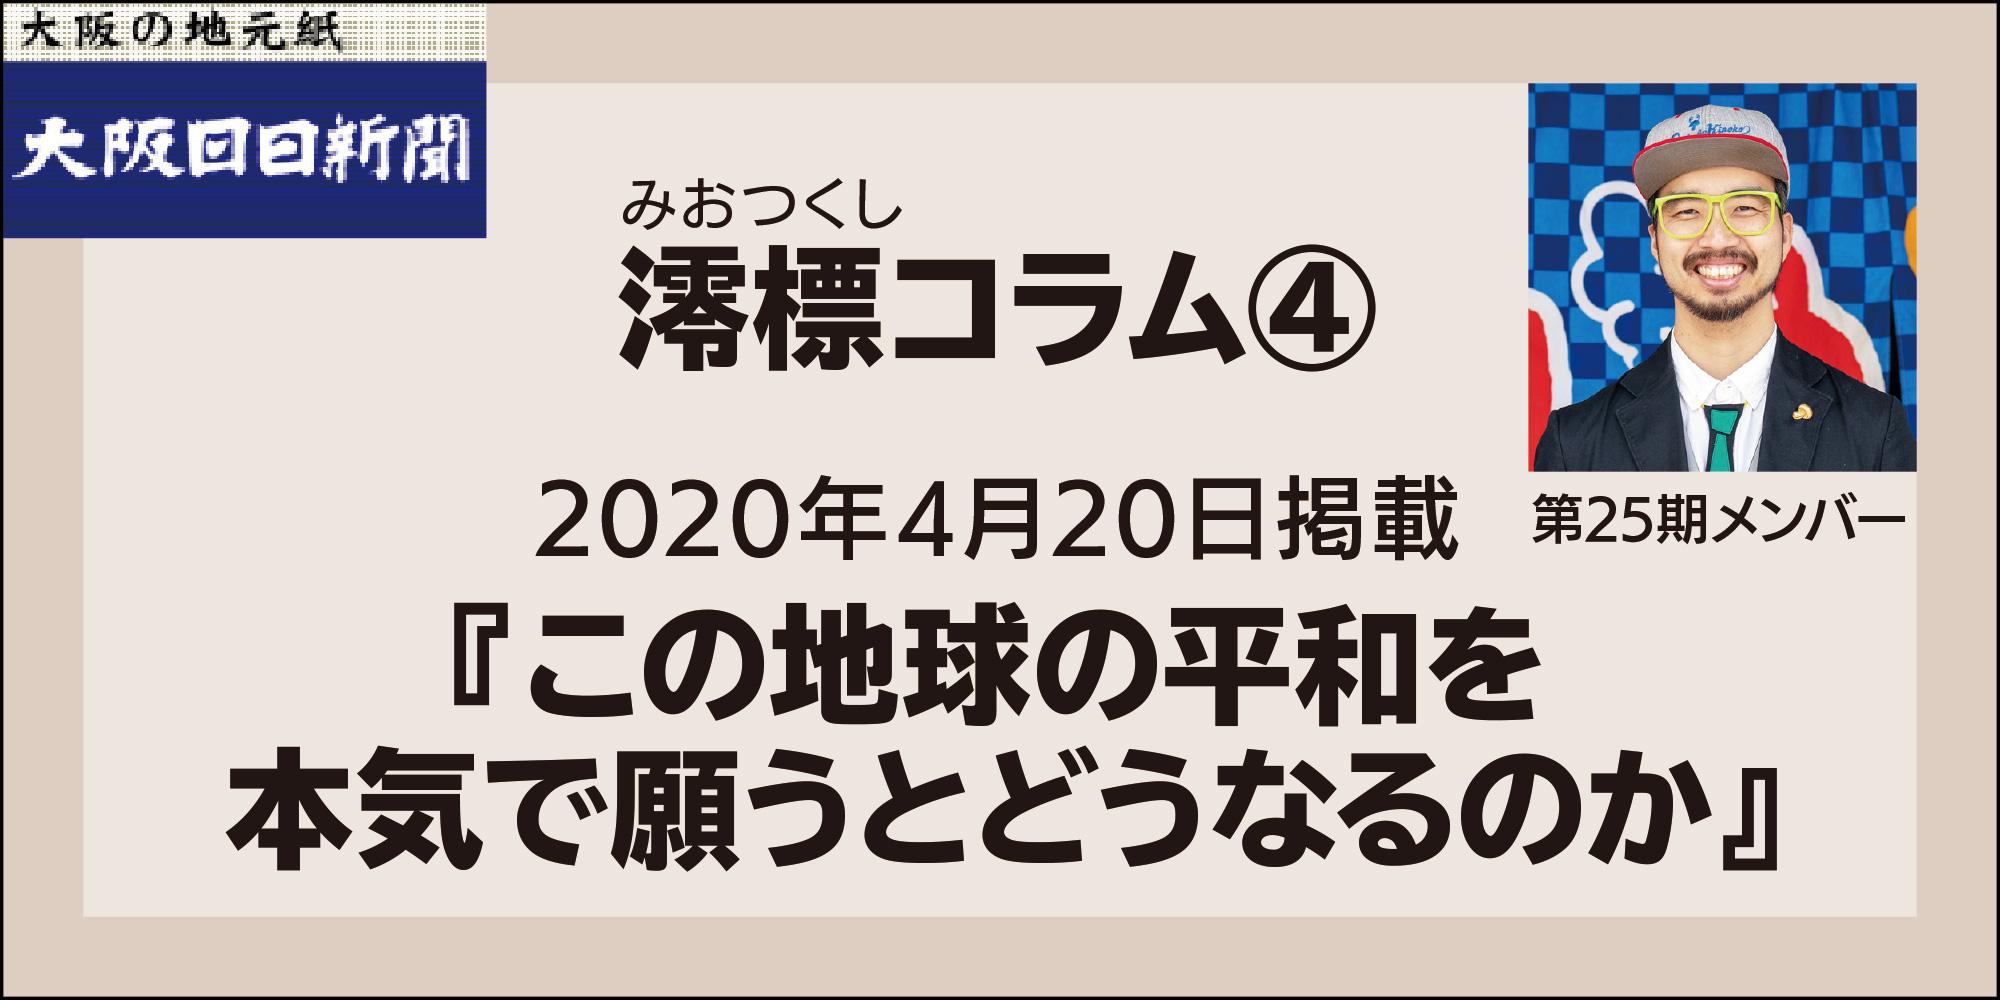 澪標コラム04『この地球の平和を本気で願うとどうなるのか』|2020.4.20 藤田ツキト(大阪日日新聞)